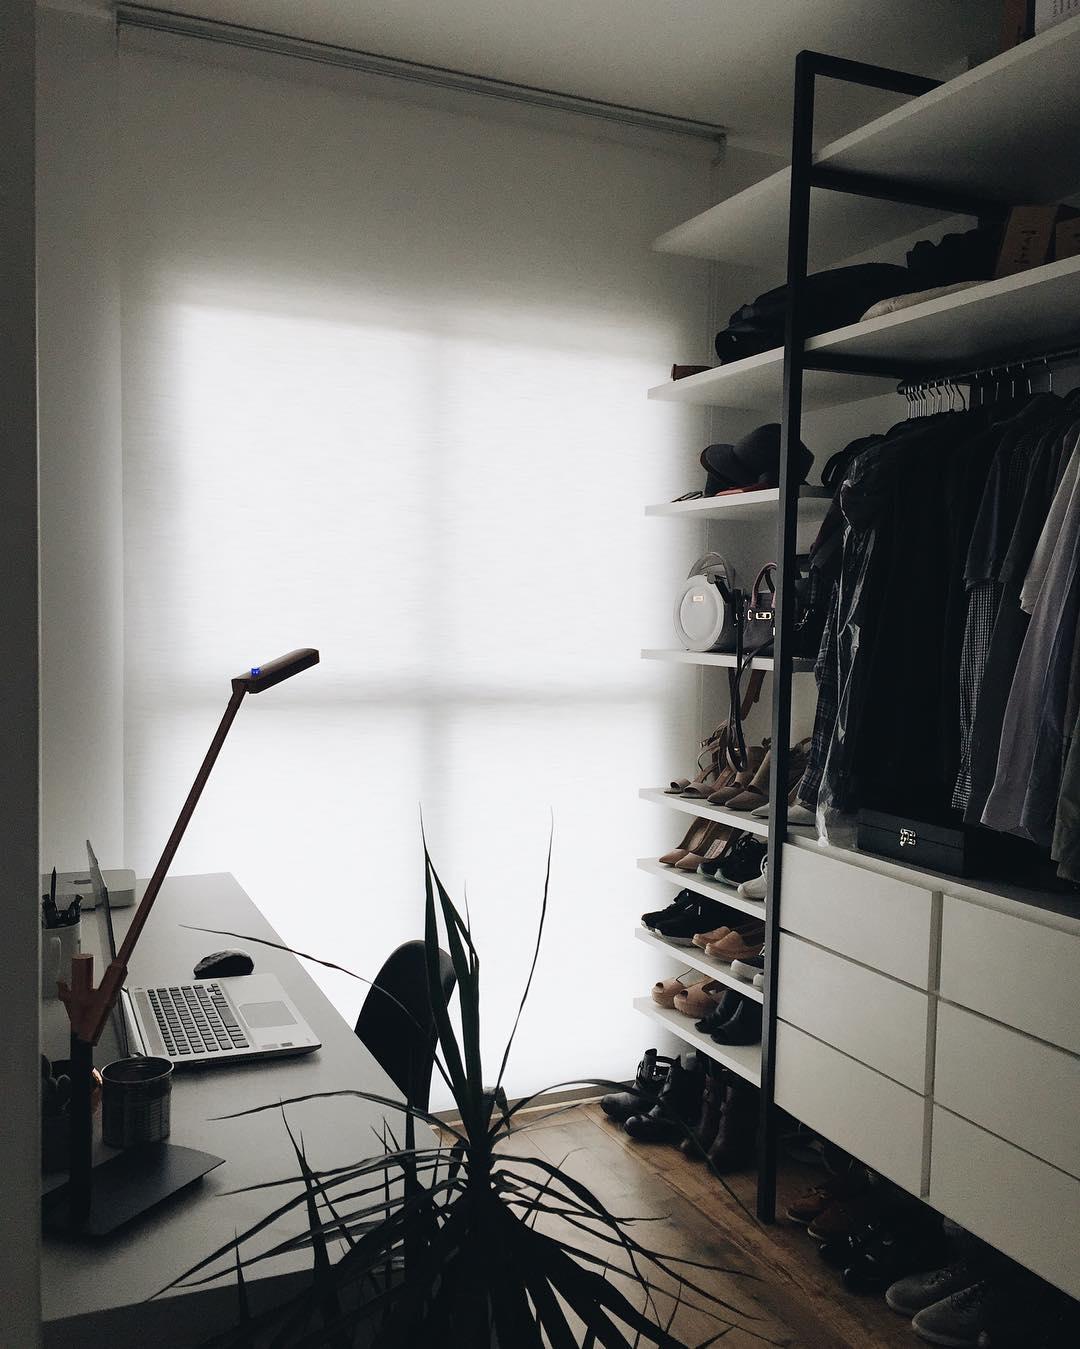 33 Ideias Para Transformar Sua Casa Normal Em: Como Organizar A Casa: 80 Dicas Para Manter A Casa Sempre